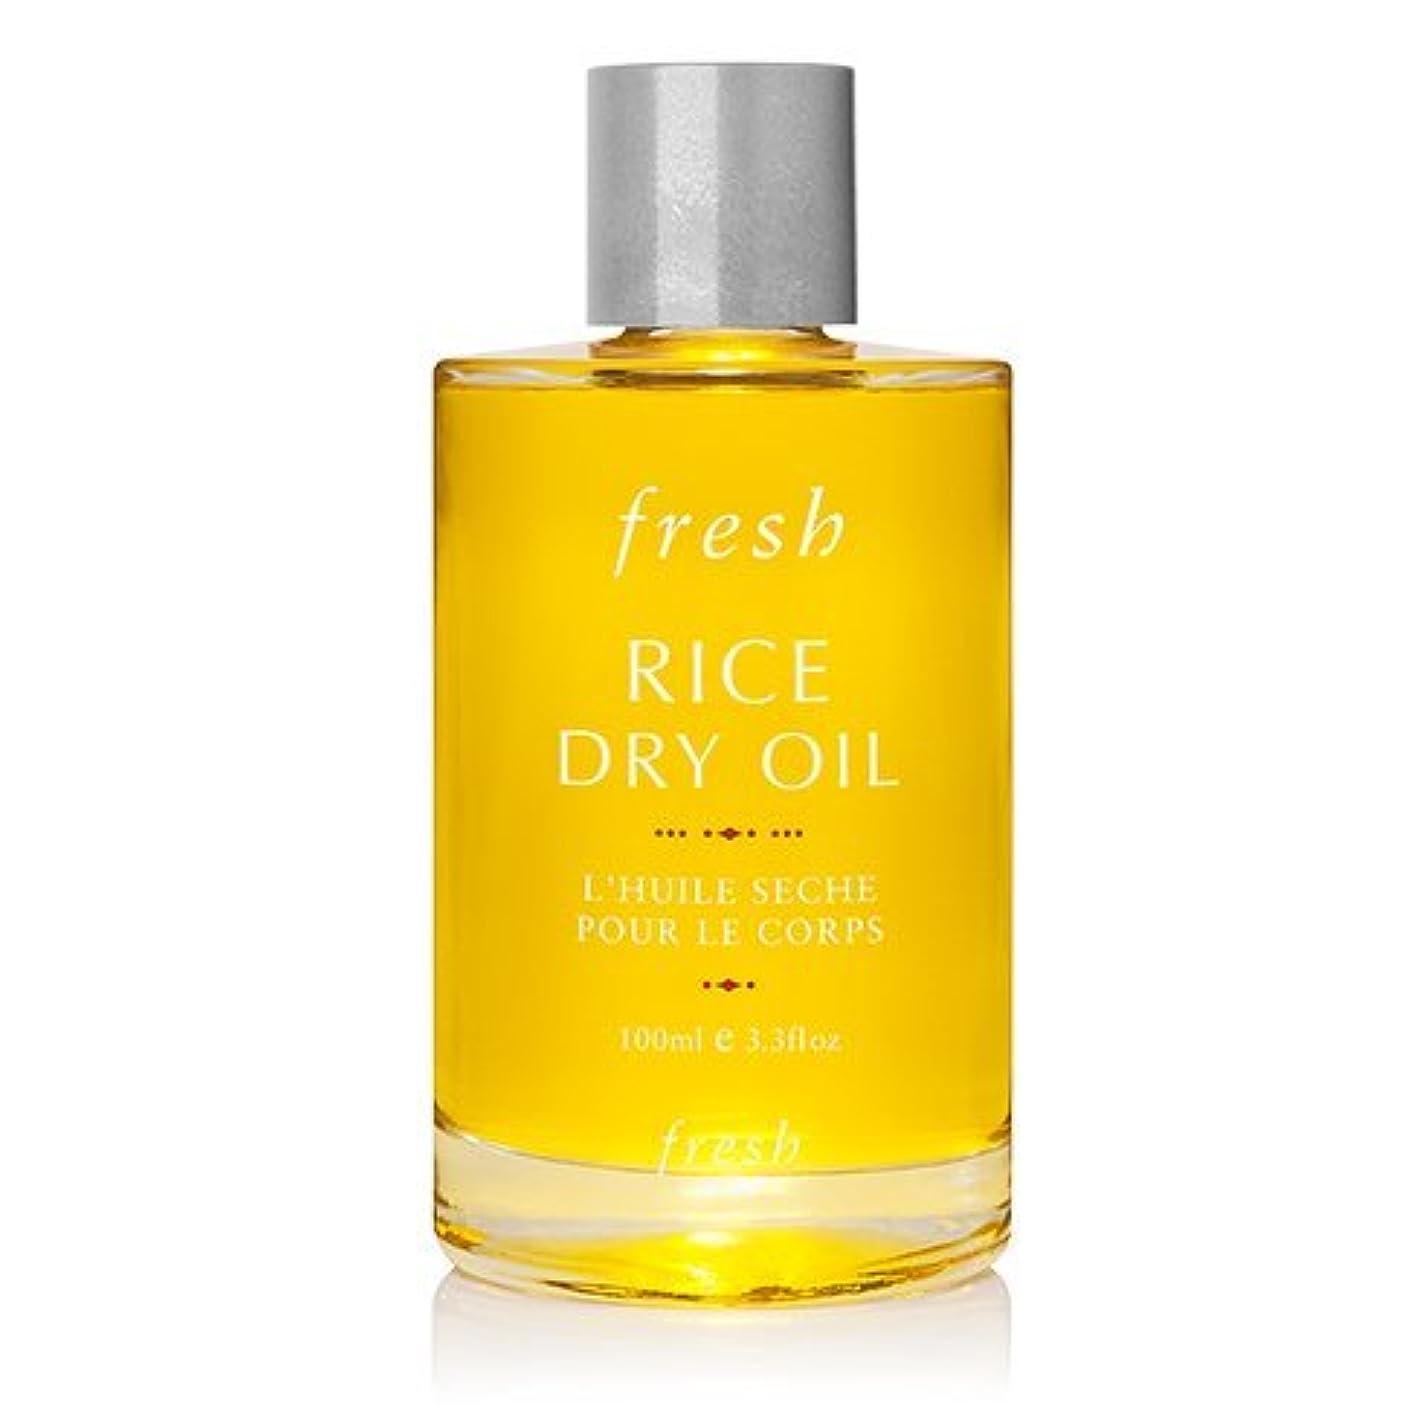 副産物かみそり起訴するFresh RICE DRY OIL (フレッシュ ライス ドライ オイル) 3.4 oz (100ml) by Fresh for Women